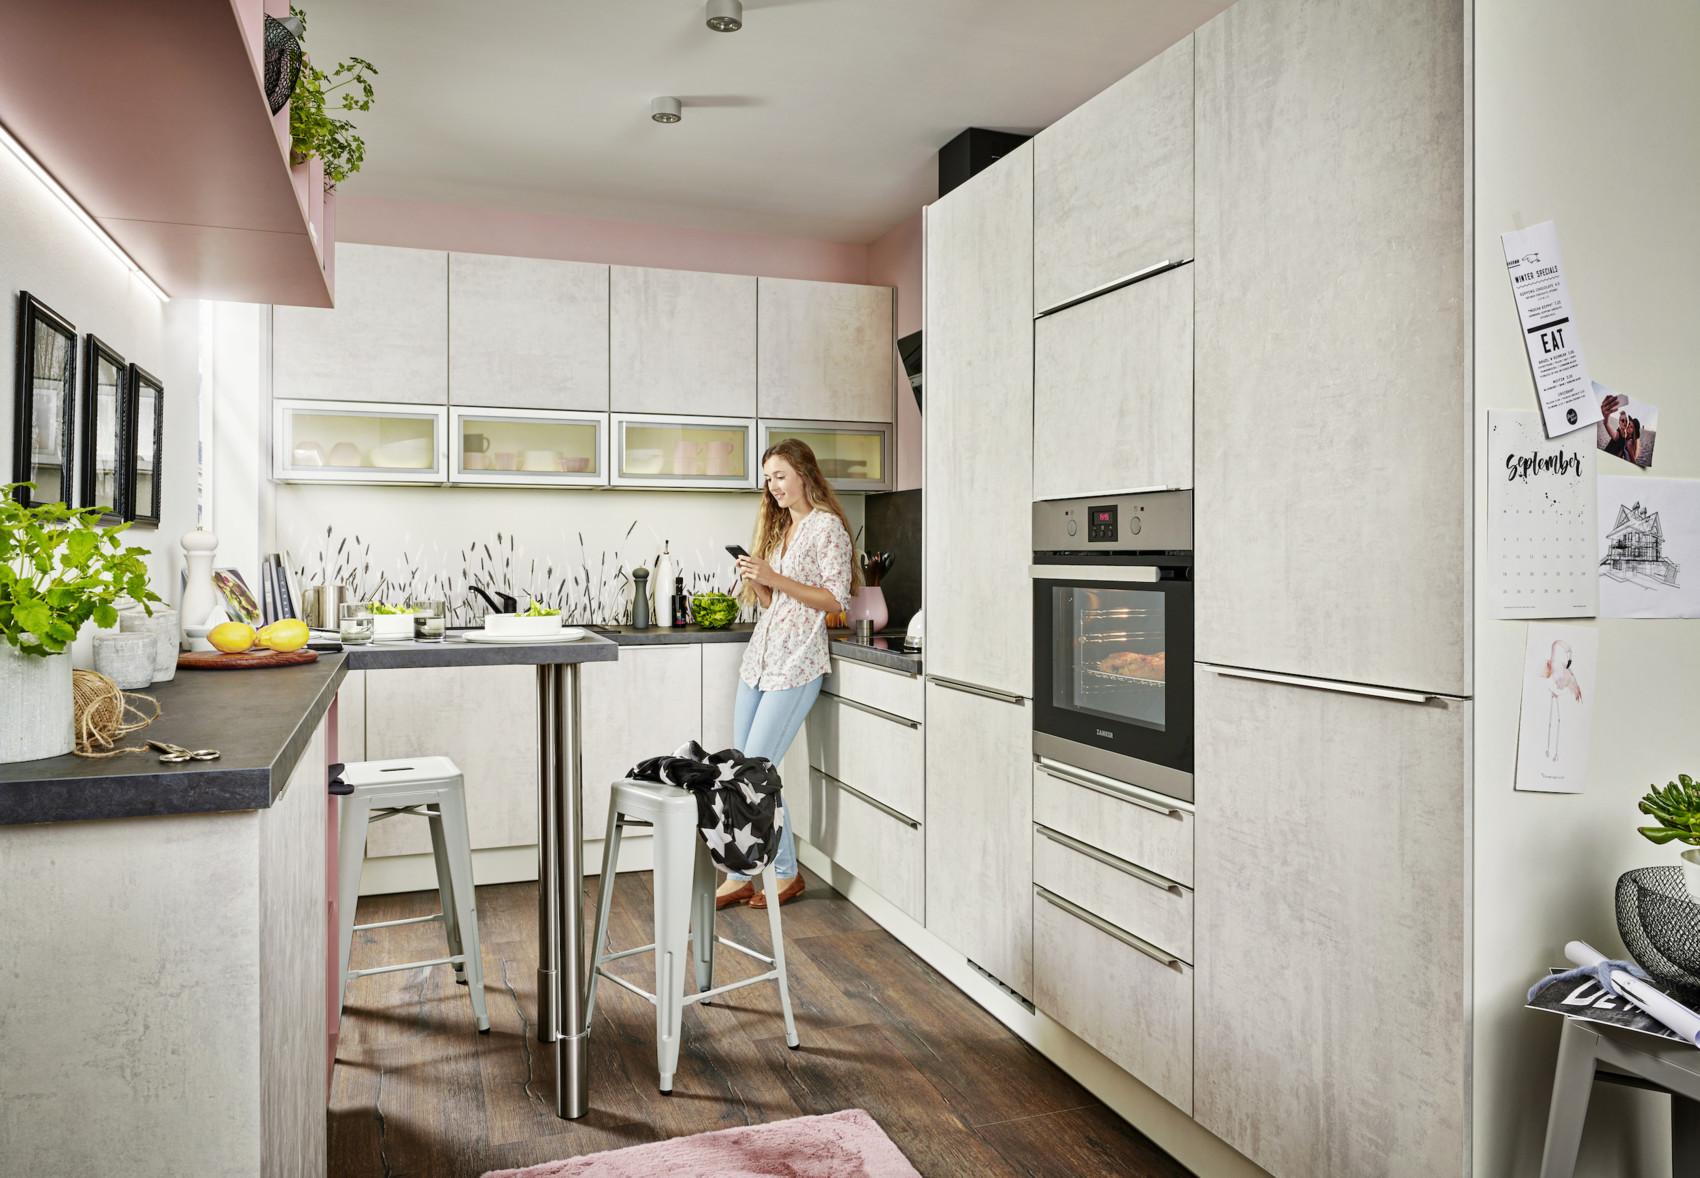 Full Size of Küchenzeile Home Kchen Küche Bett Wohnzimmer Pino Küchenzeile